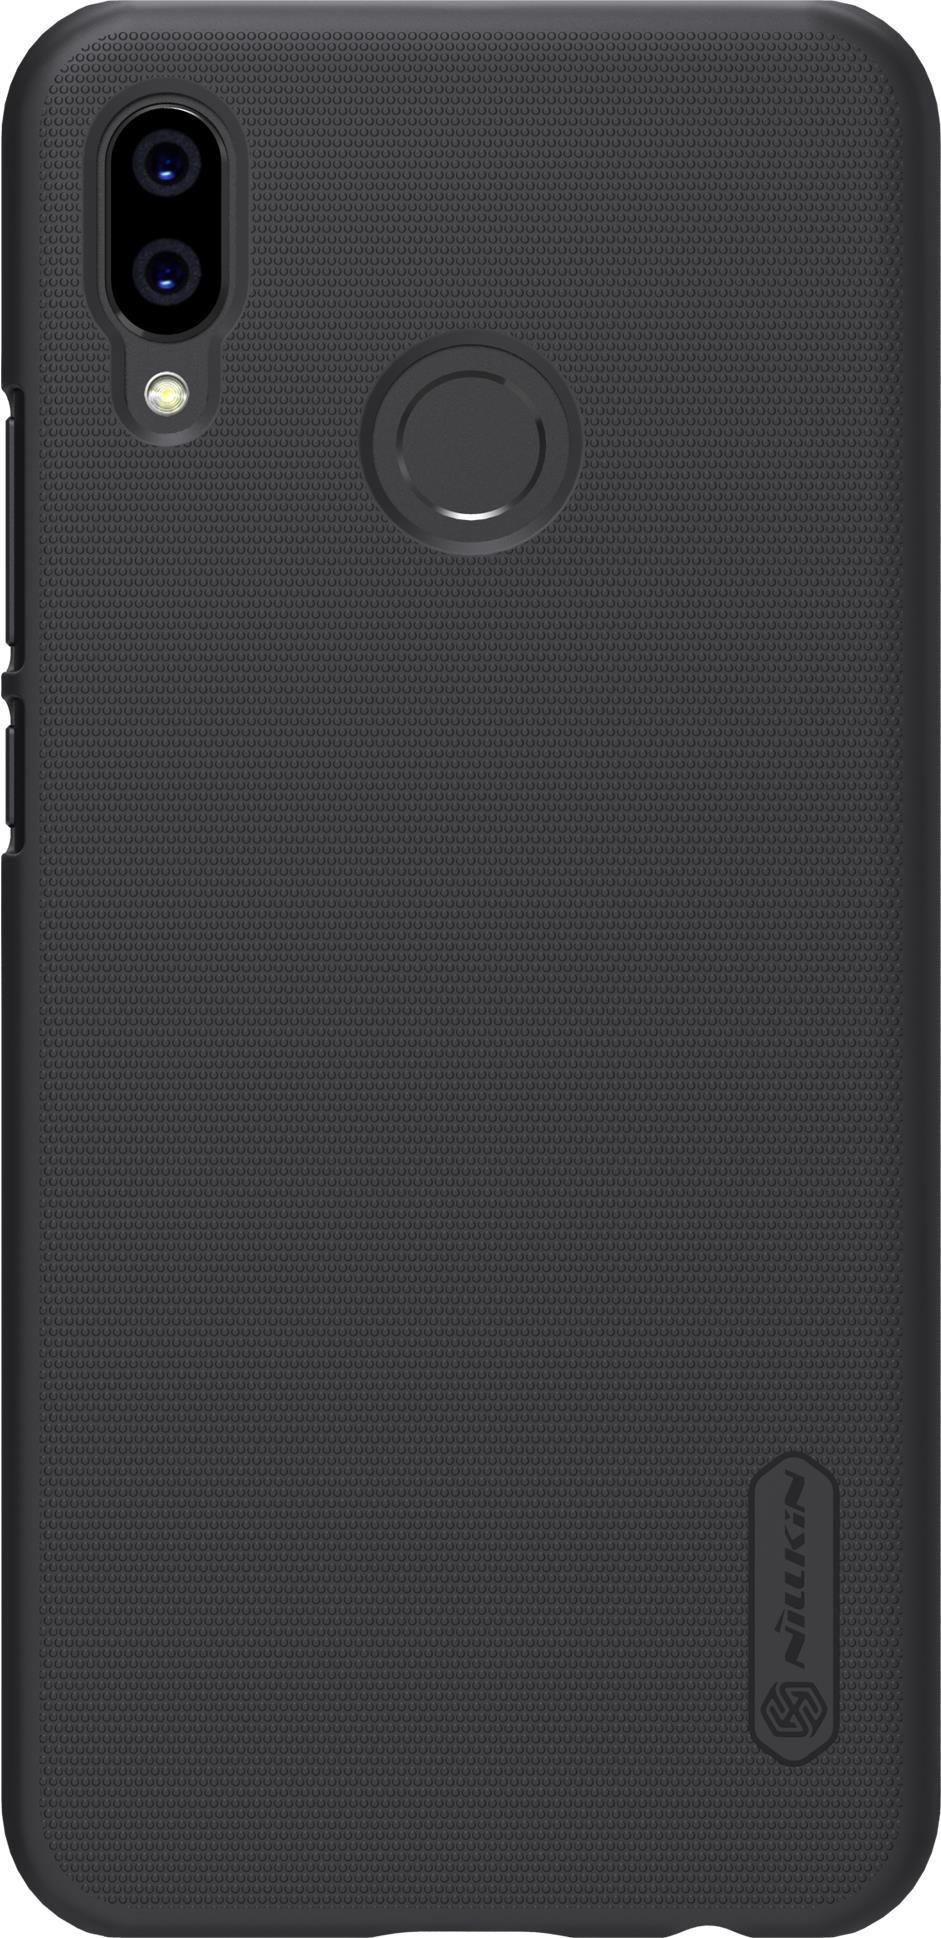 Чехол для сотового телефона Nillkin Super Frosted, 6902048155244, черный